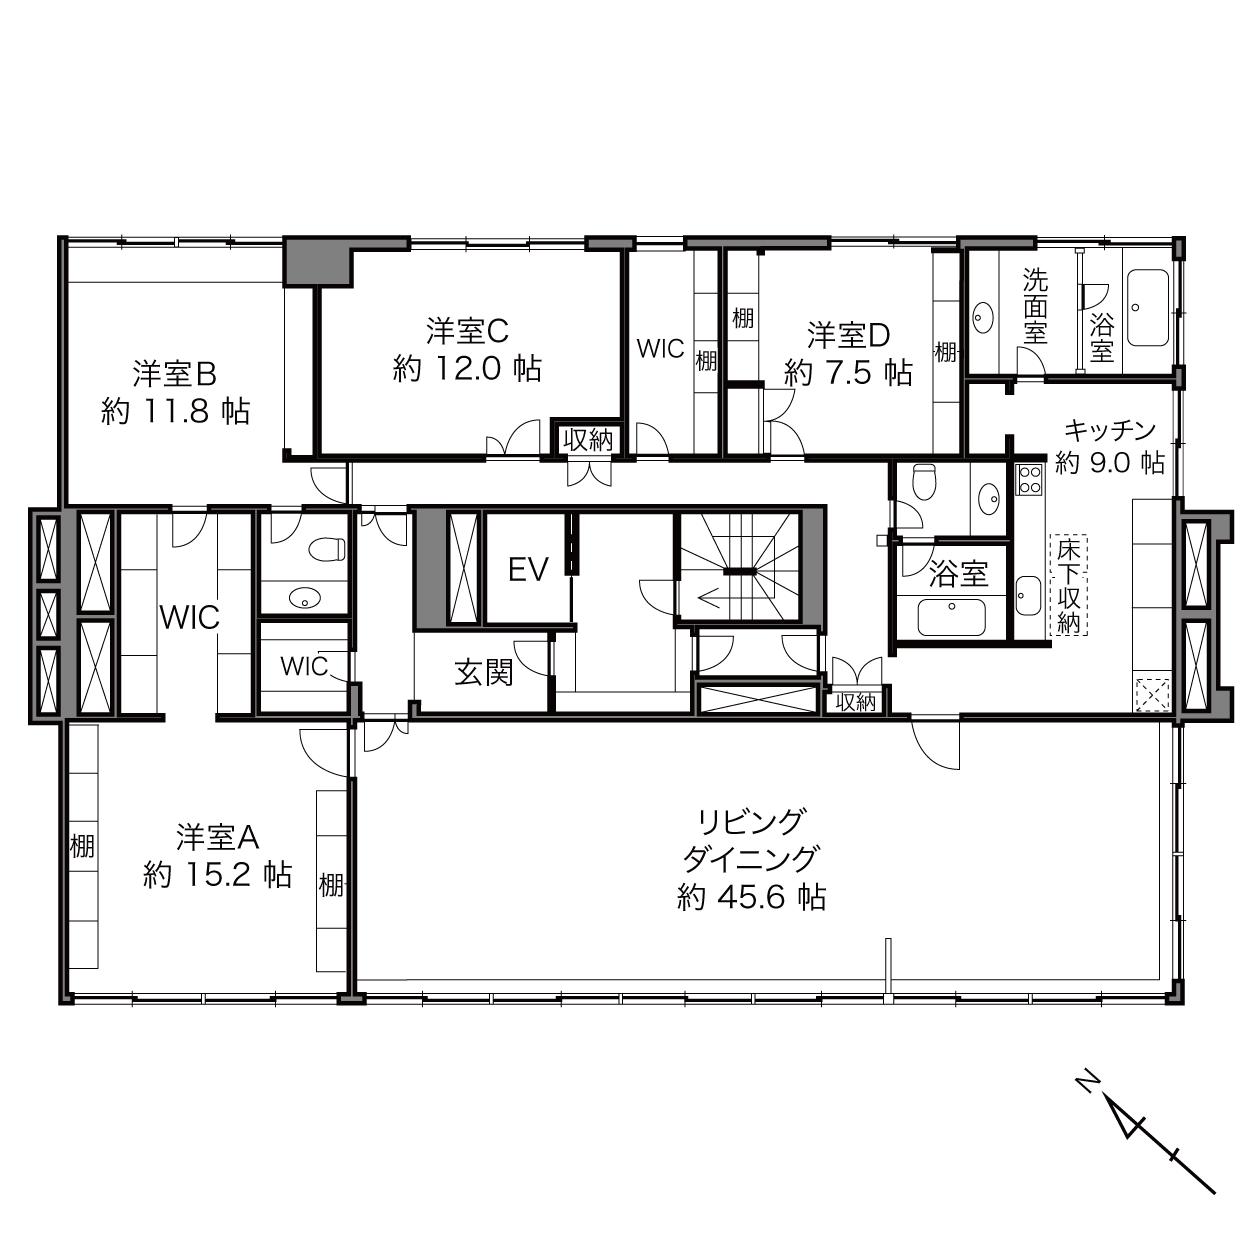 Meguro2